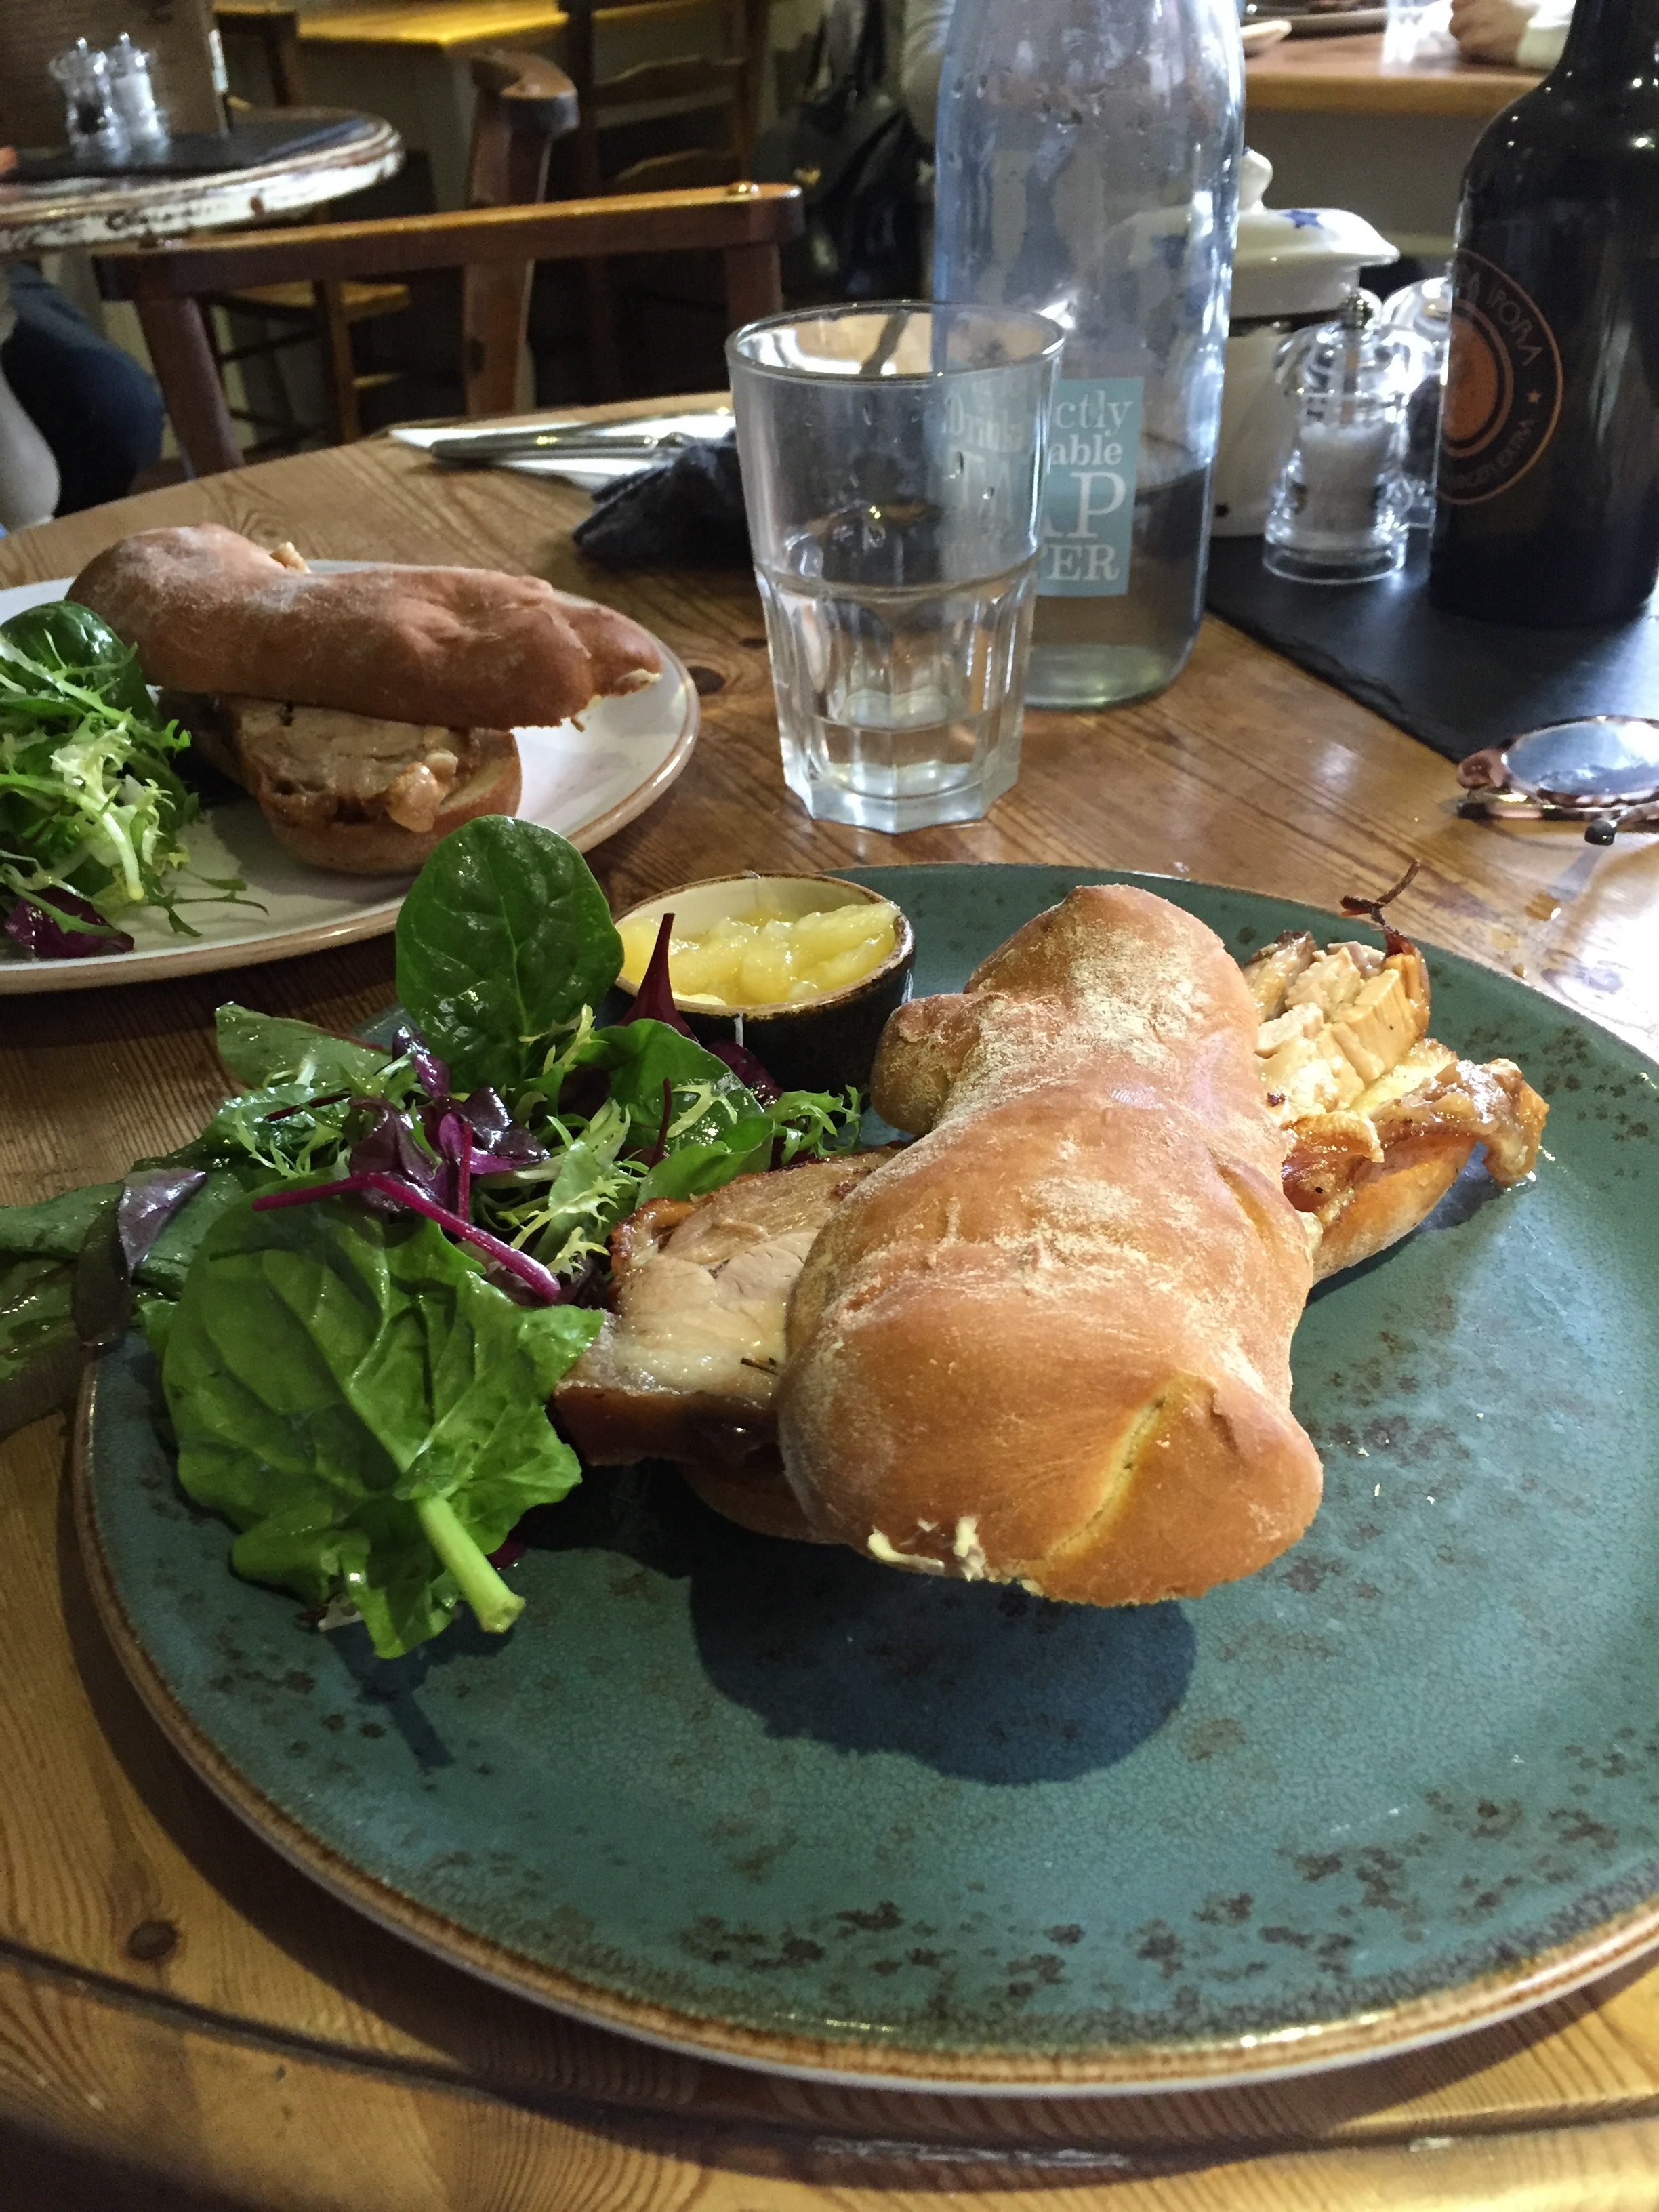 pork sandwich at Mannion & Co in York